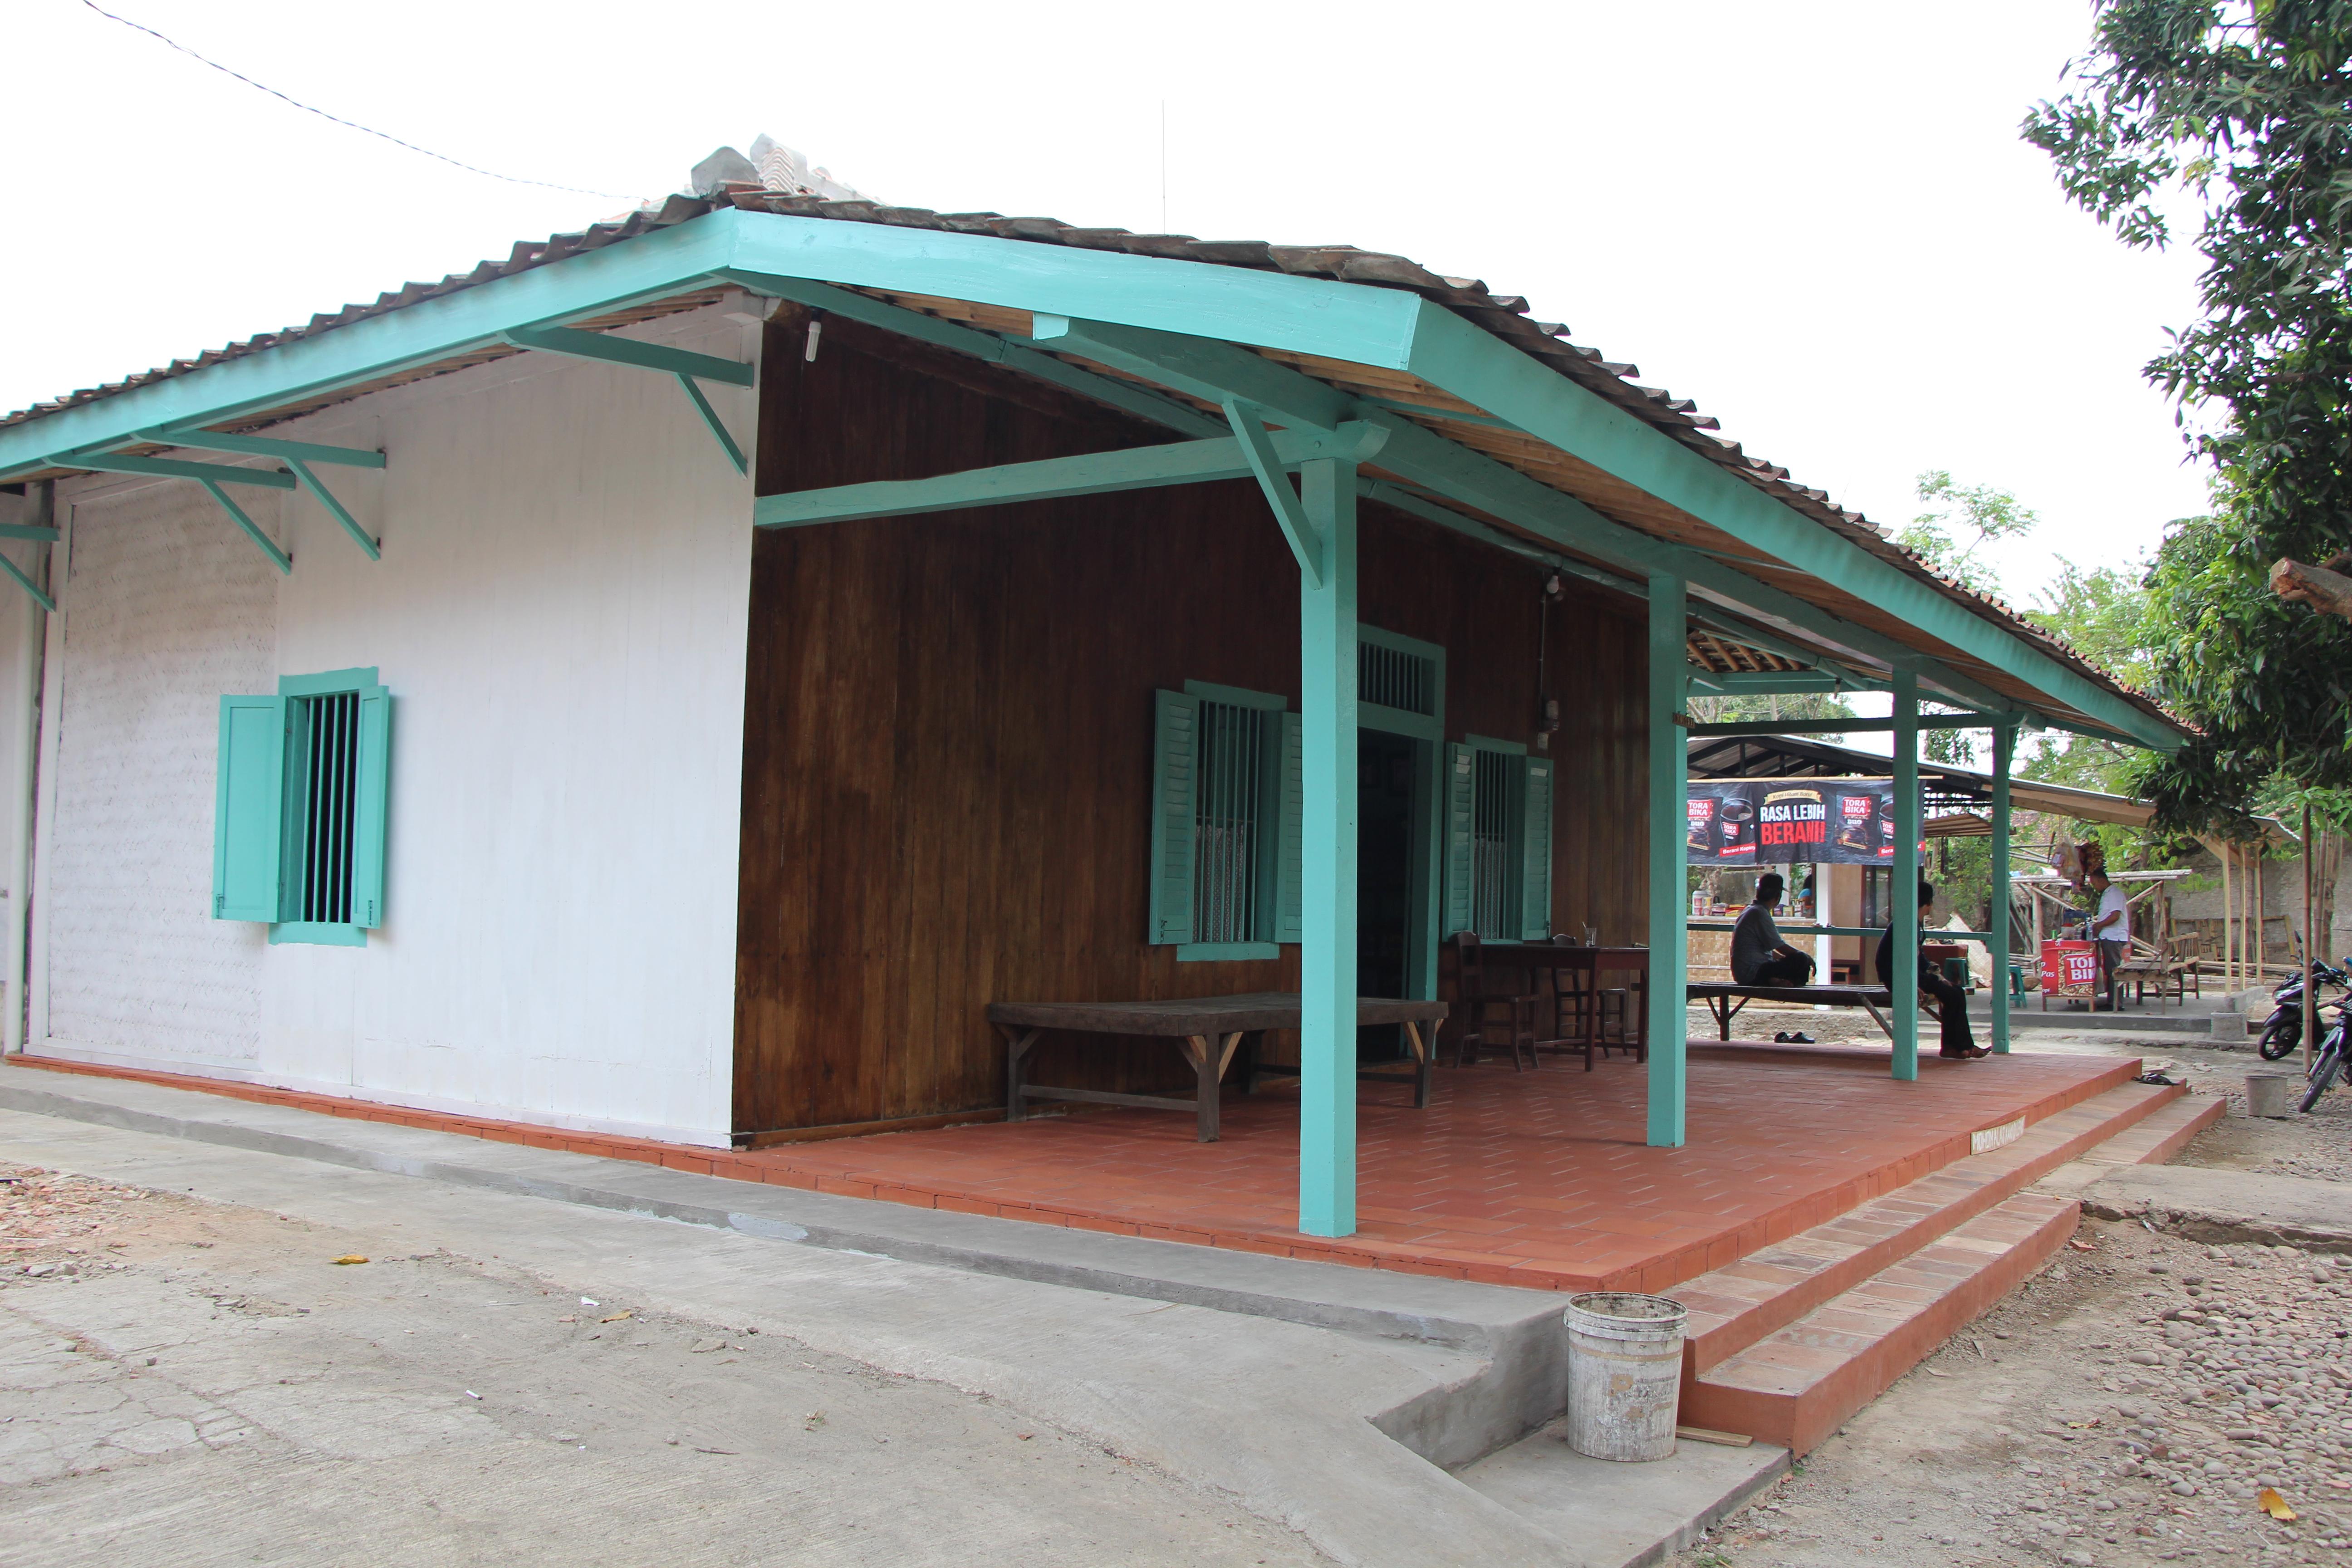 rumah bersejarah rengasdengklok telah selesai